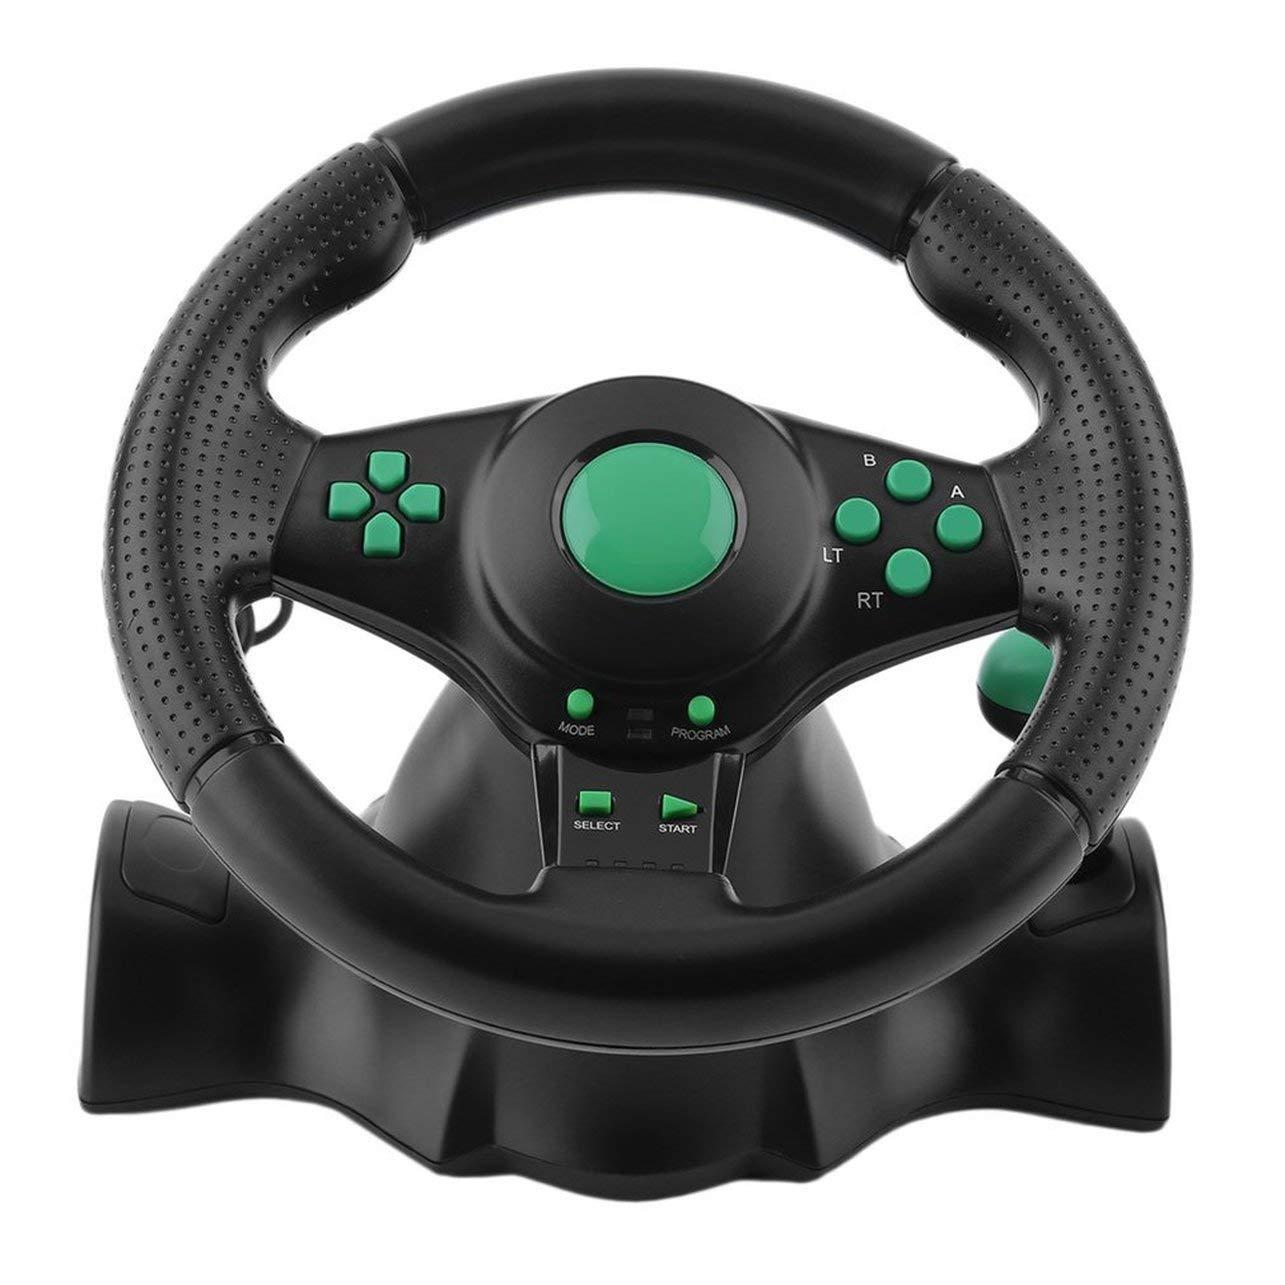 WOSOSYEYO 180 Grados de rotación del Volante ABS Gaming vibración Que compite con los Pedales